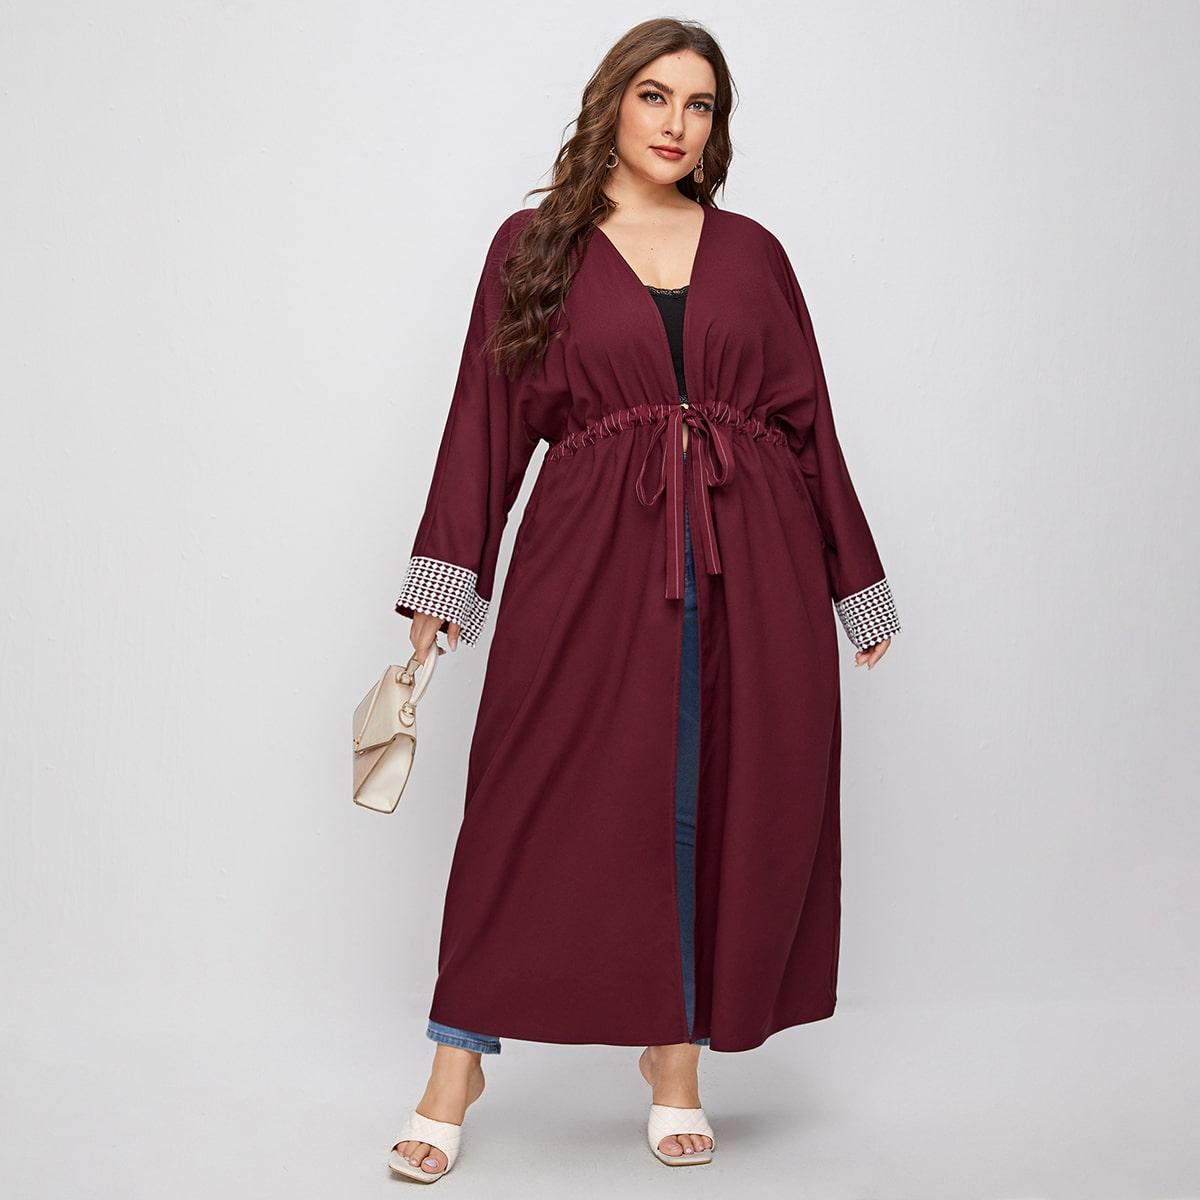 Кимоно размера плюс на кулиске с кружевной отделкой